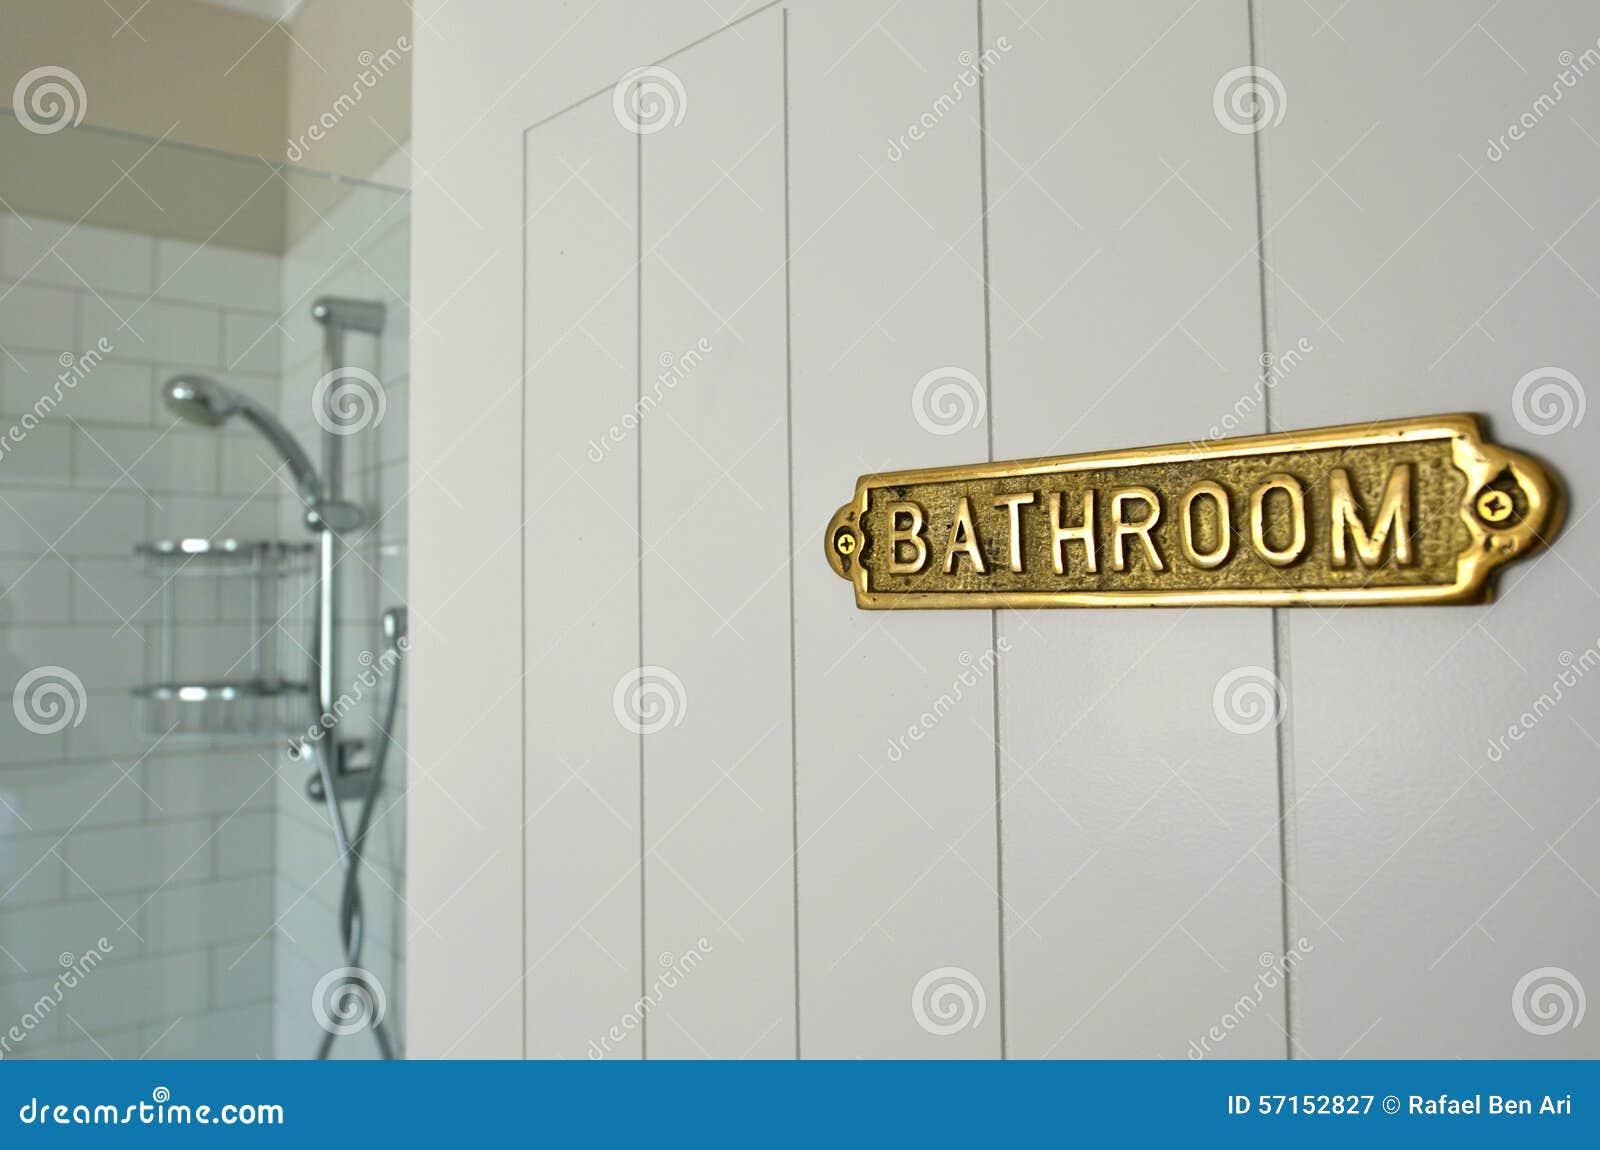 Bathroom Sign On A Home Bathroom Door